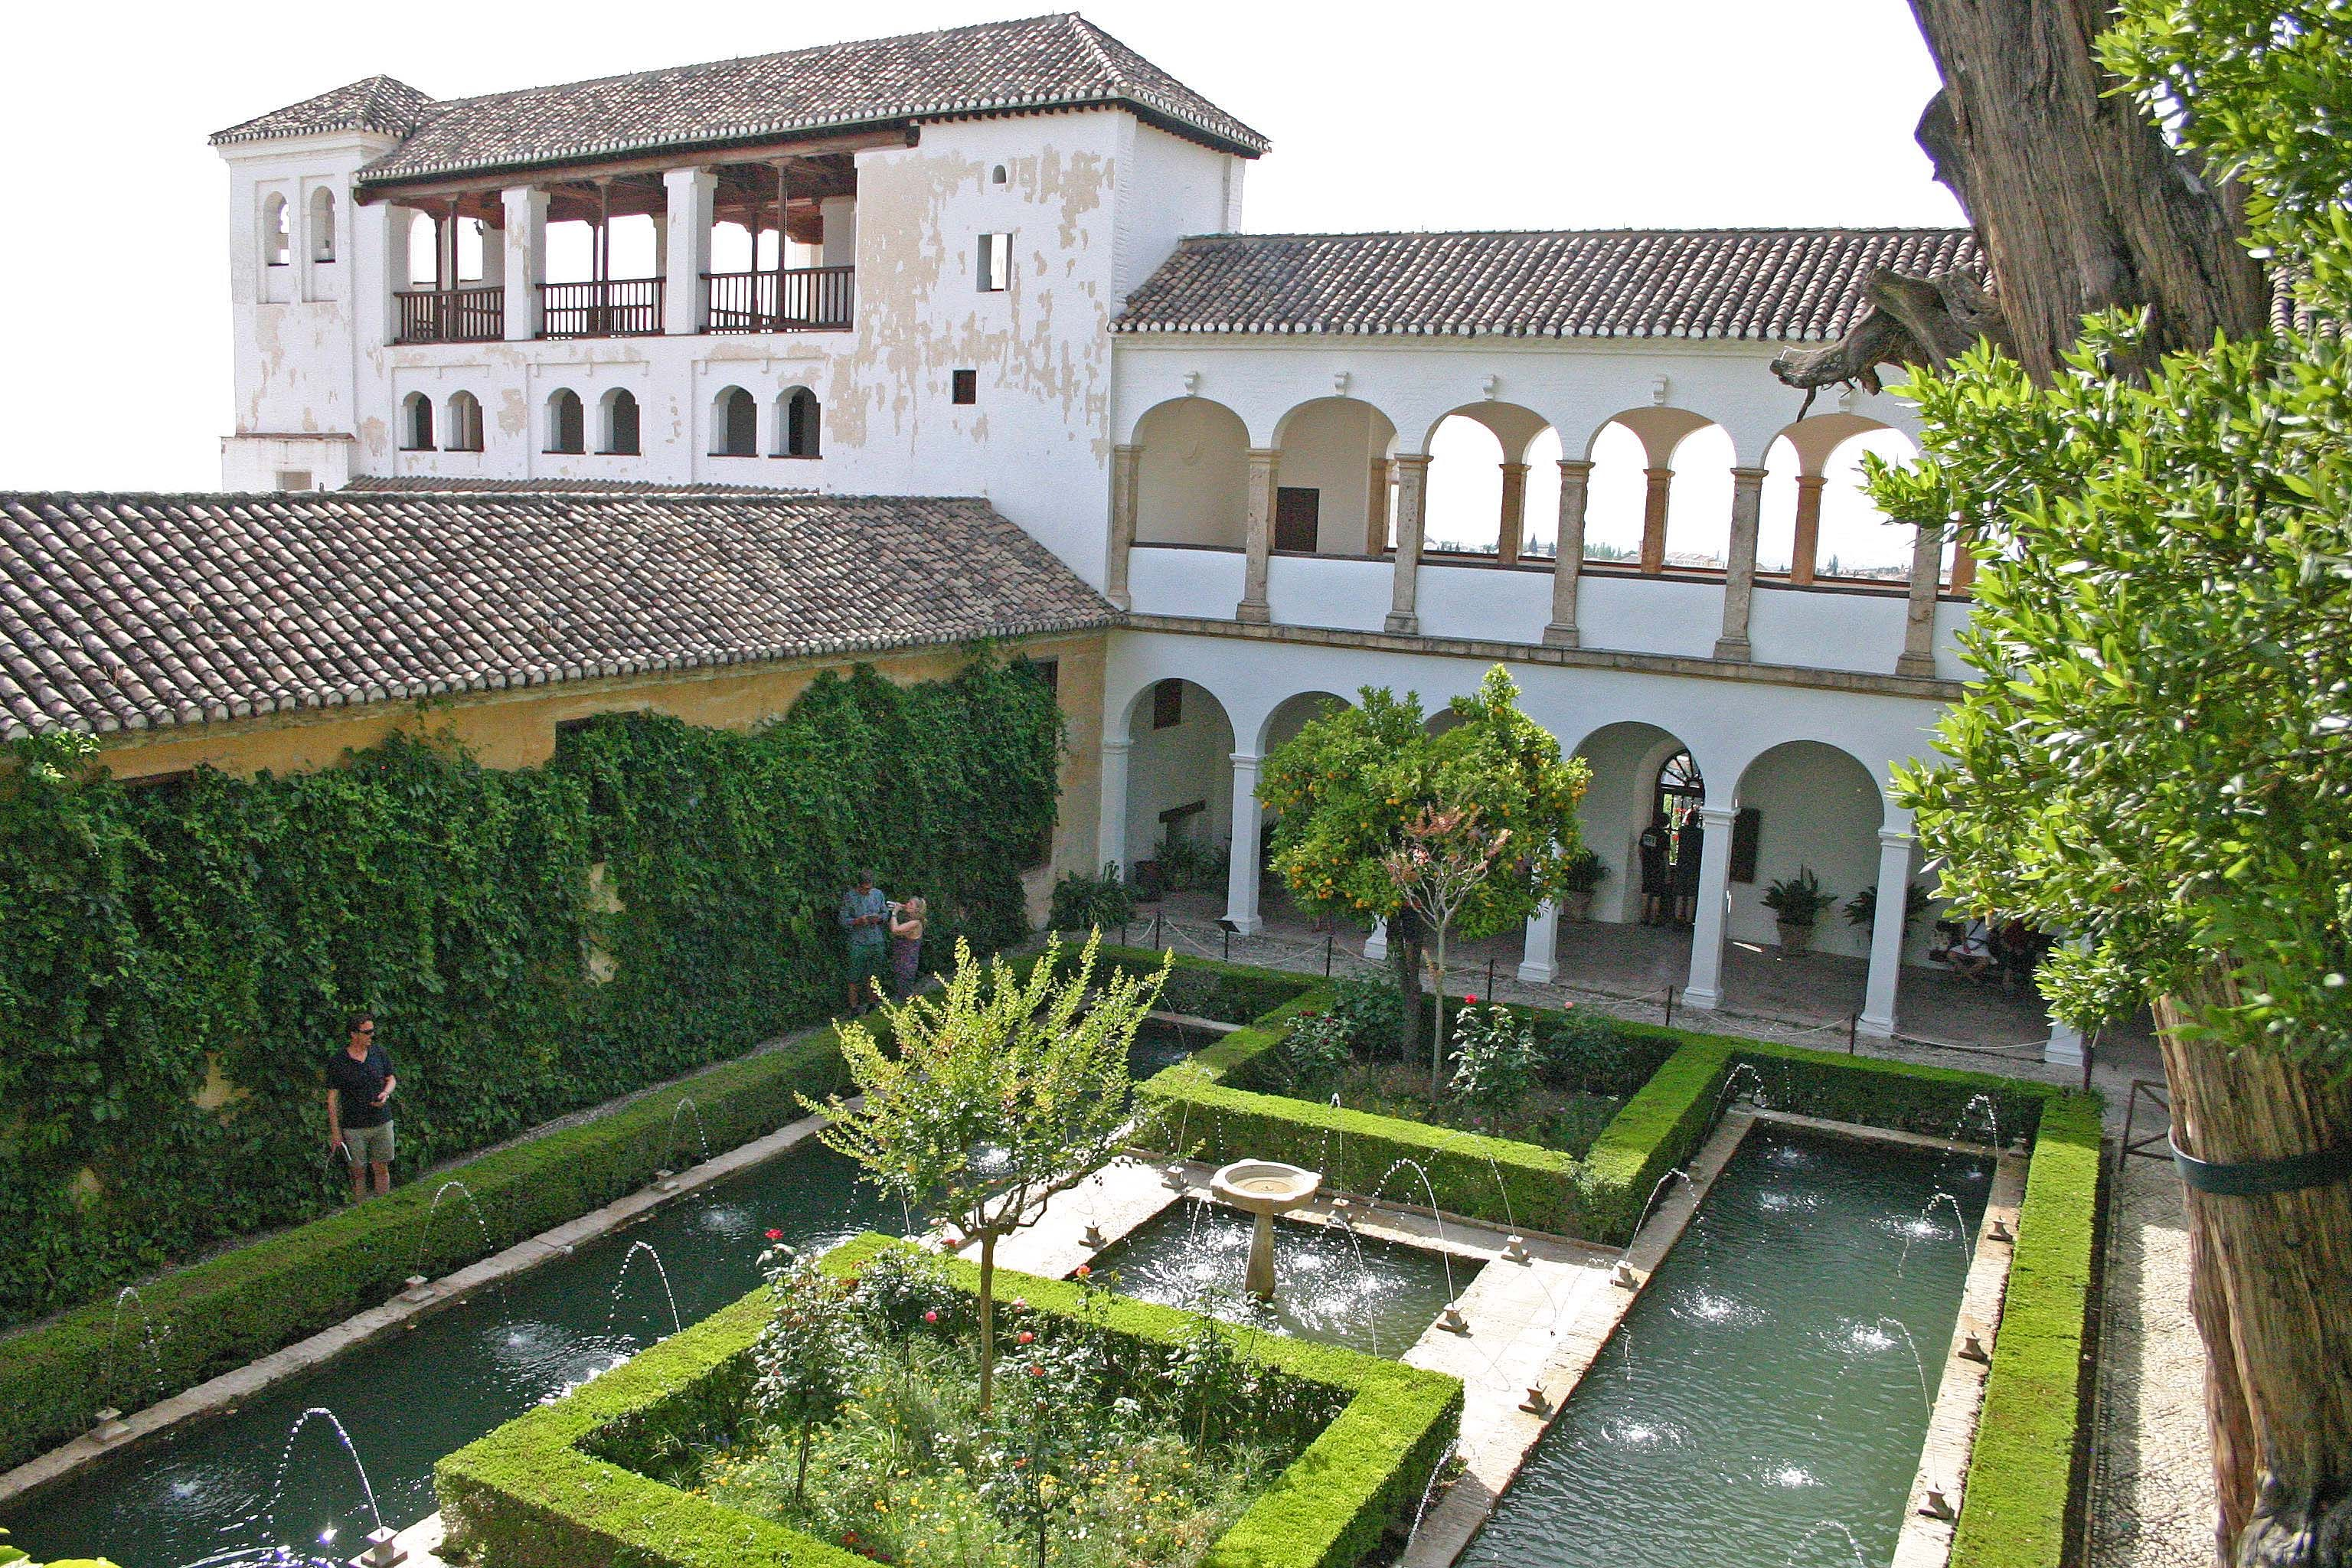 Patio de la sultana 2 alhambra de granada alhambra y - Patios de granada ...